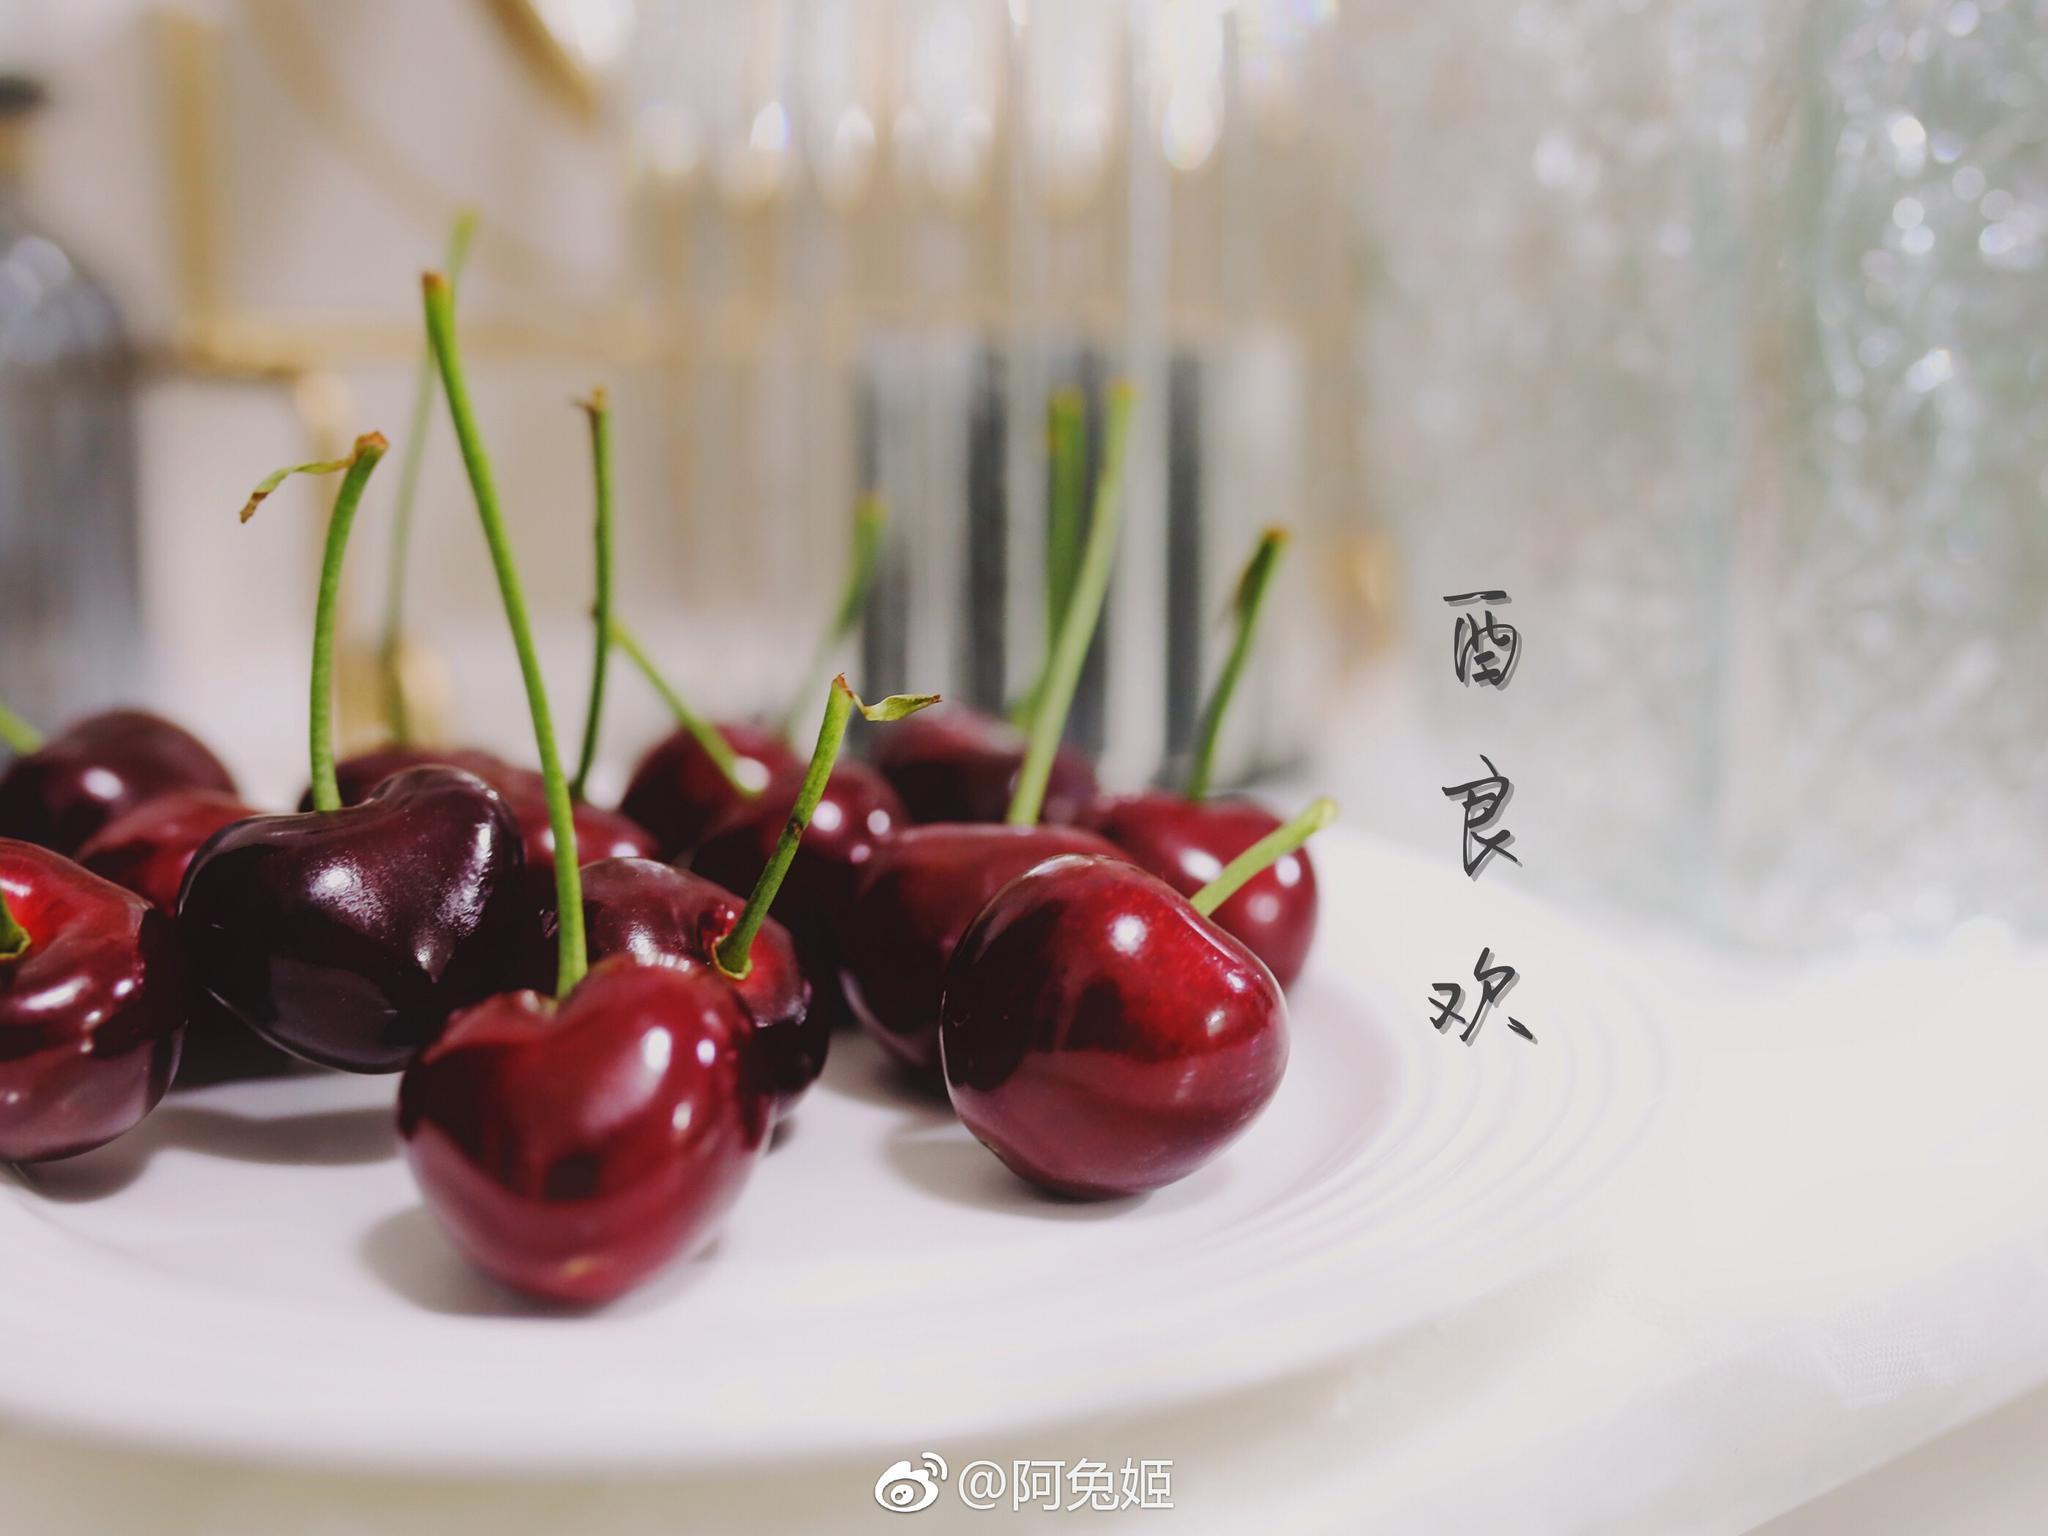 大连樱桃上市了,看了樱桃果酱和朗姆酒酿樱桃,暴殄天物!!